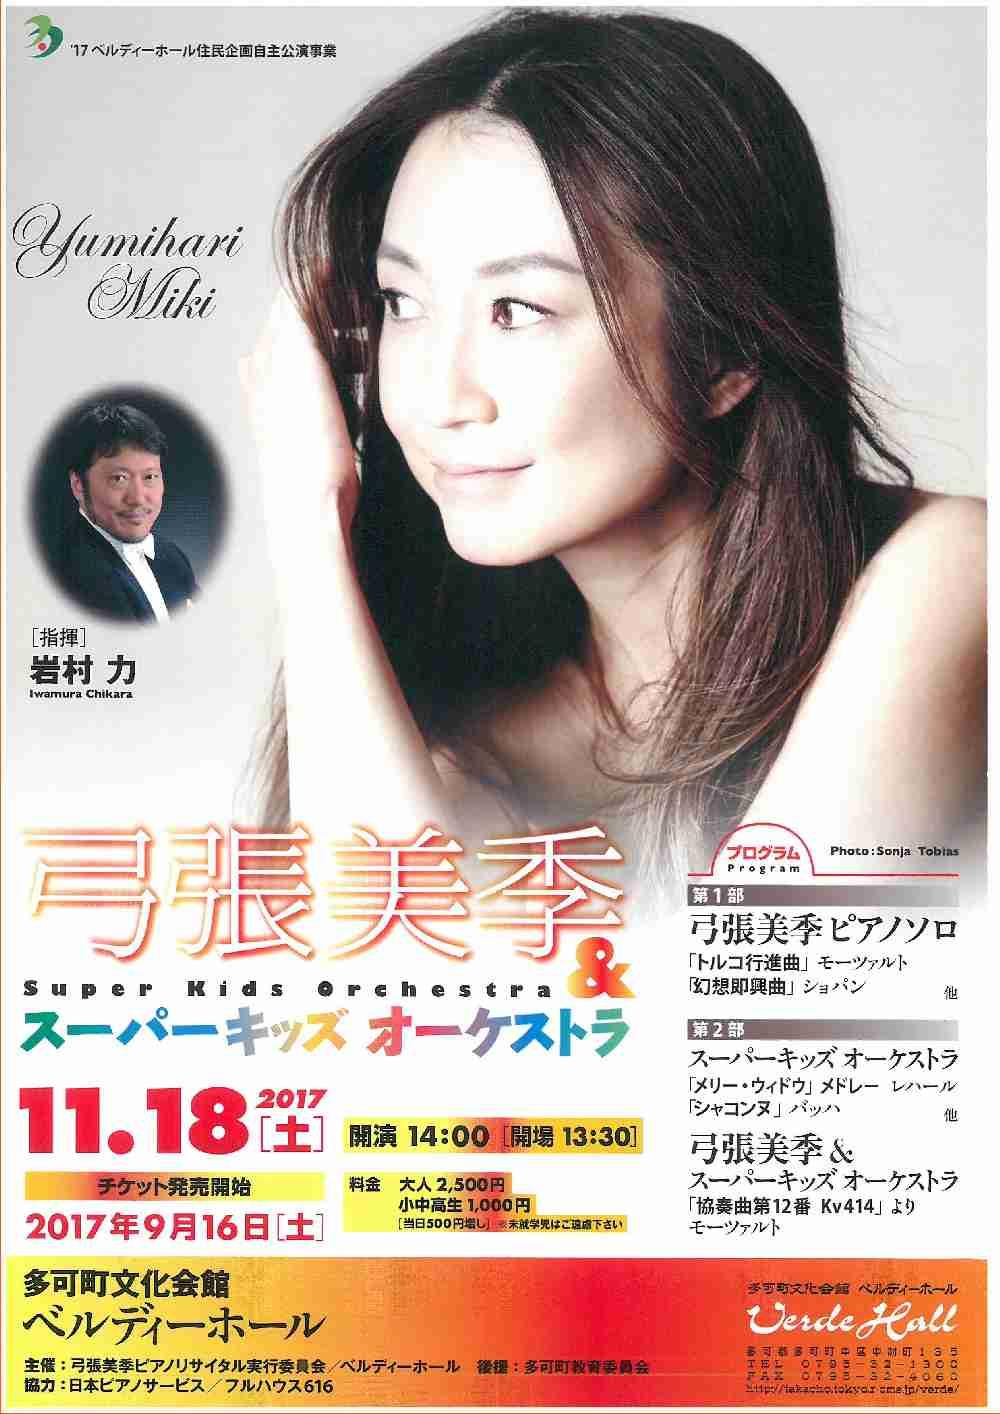 11/18 弓張美季&スーパーキッズオーケストラコンサート:ベルディーホール